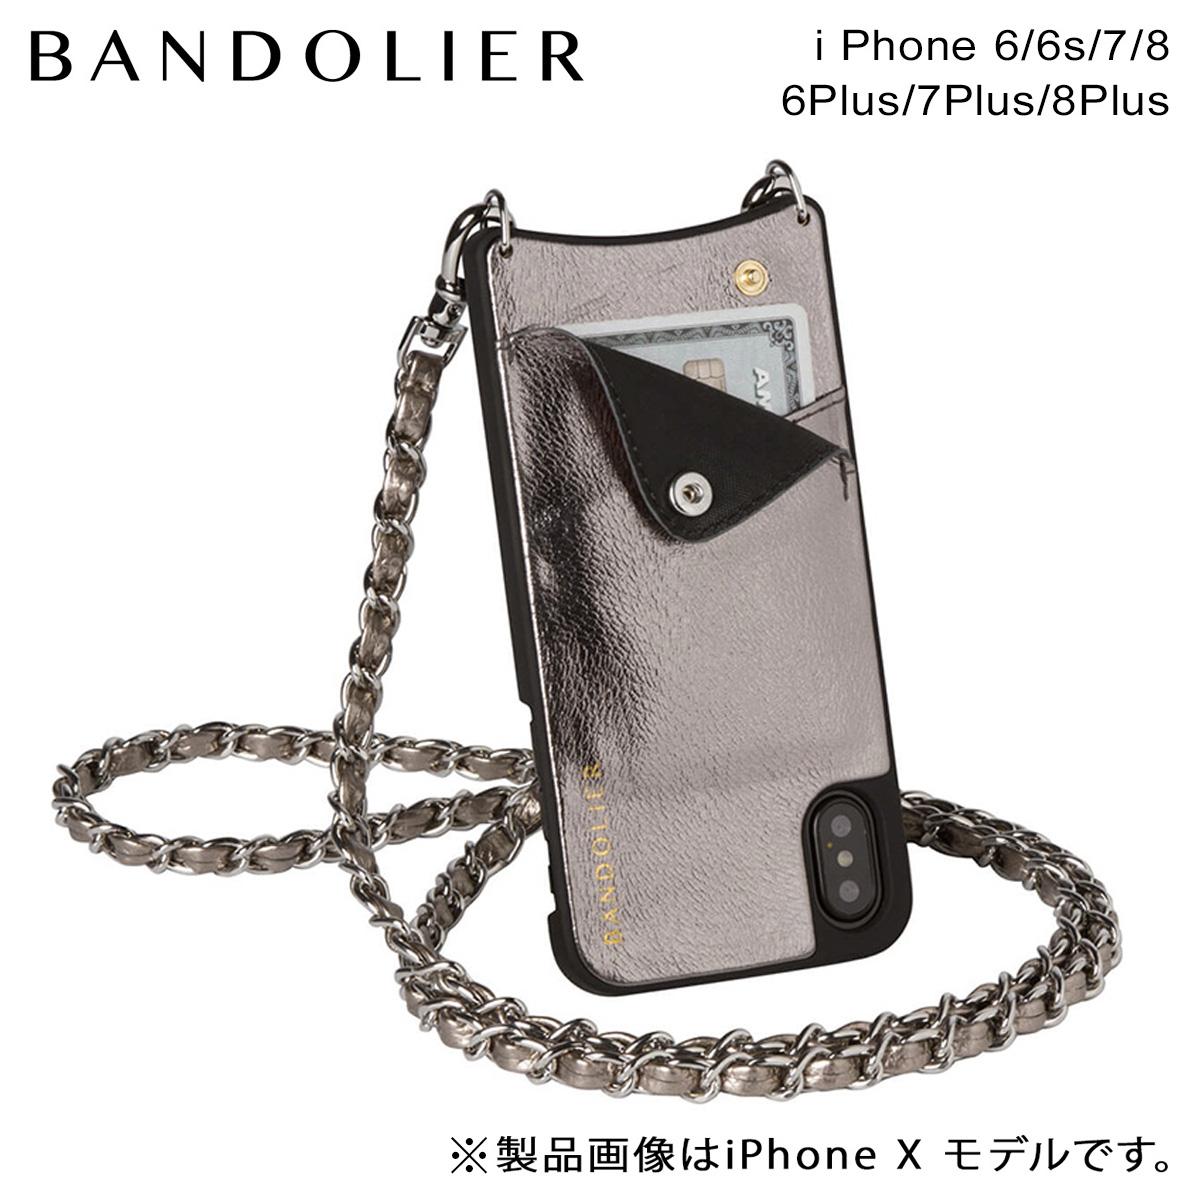 BANDOLIER バンドリヤー iPhone8 iPhone7 7Plus 6s ケース スマホ アイフォン プラス LUCY METALLIC ASH メンズ レディース アッシュ